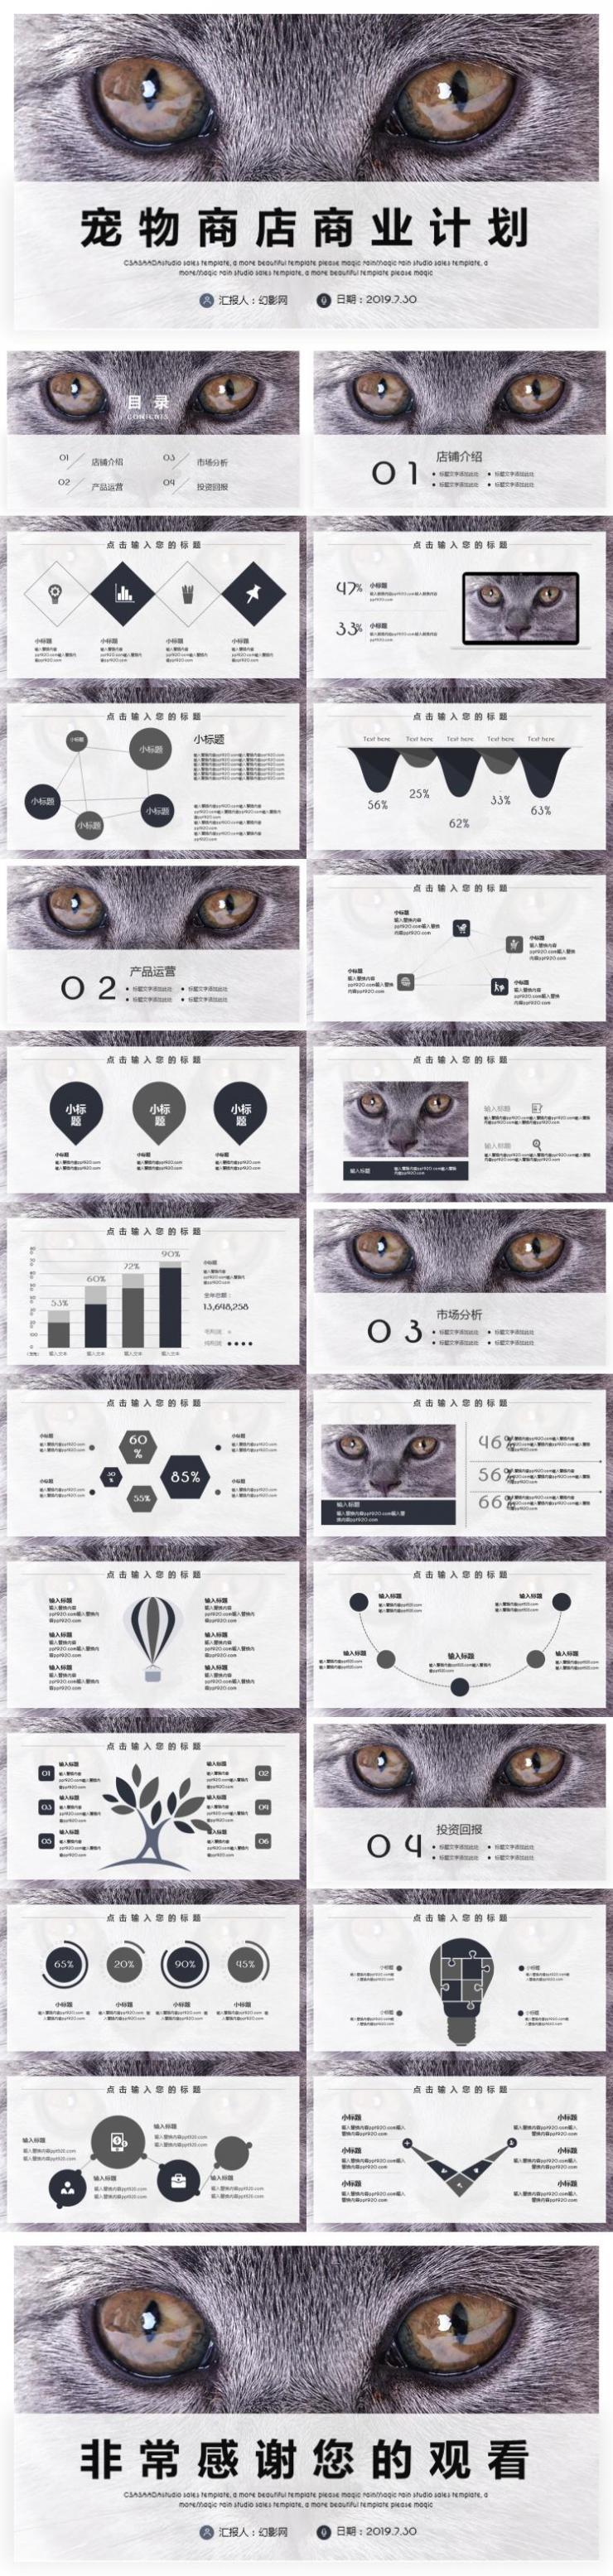 宠物商店商业计划PPT模板下载